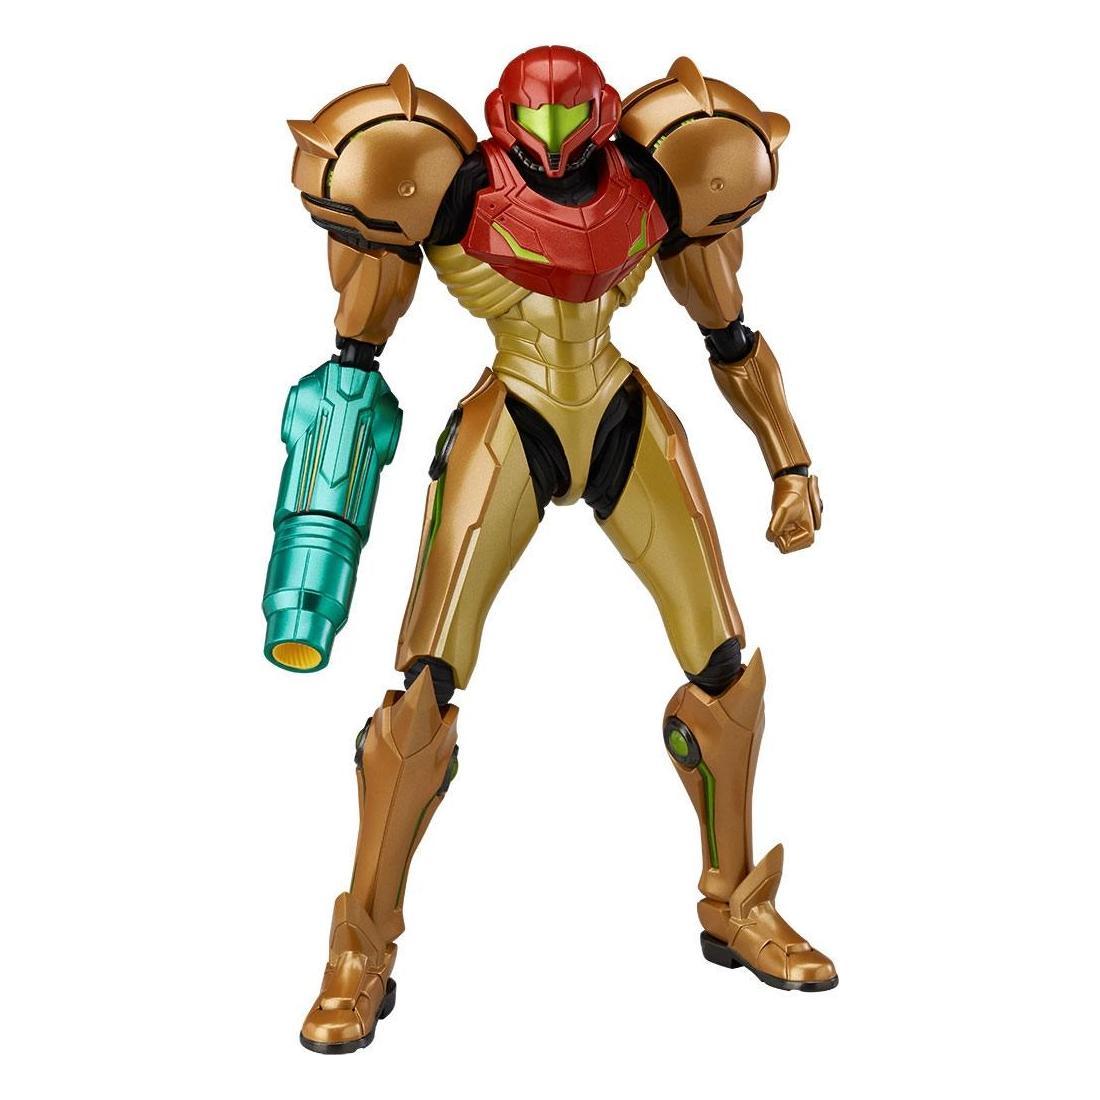 Metroid prime 3 corruption figurine figma samus aran prime 3